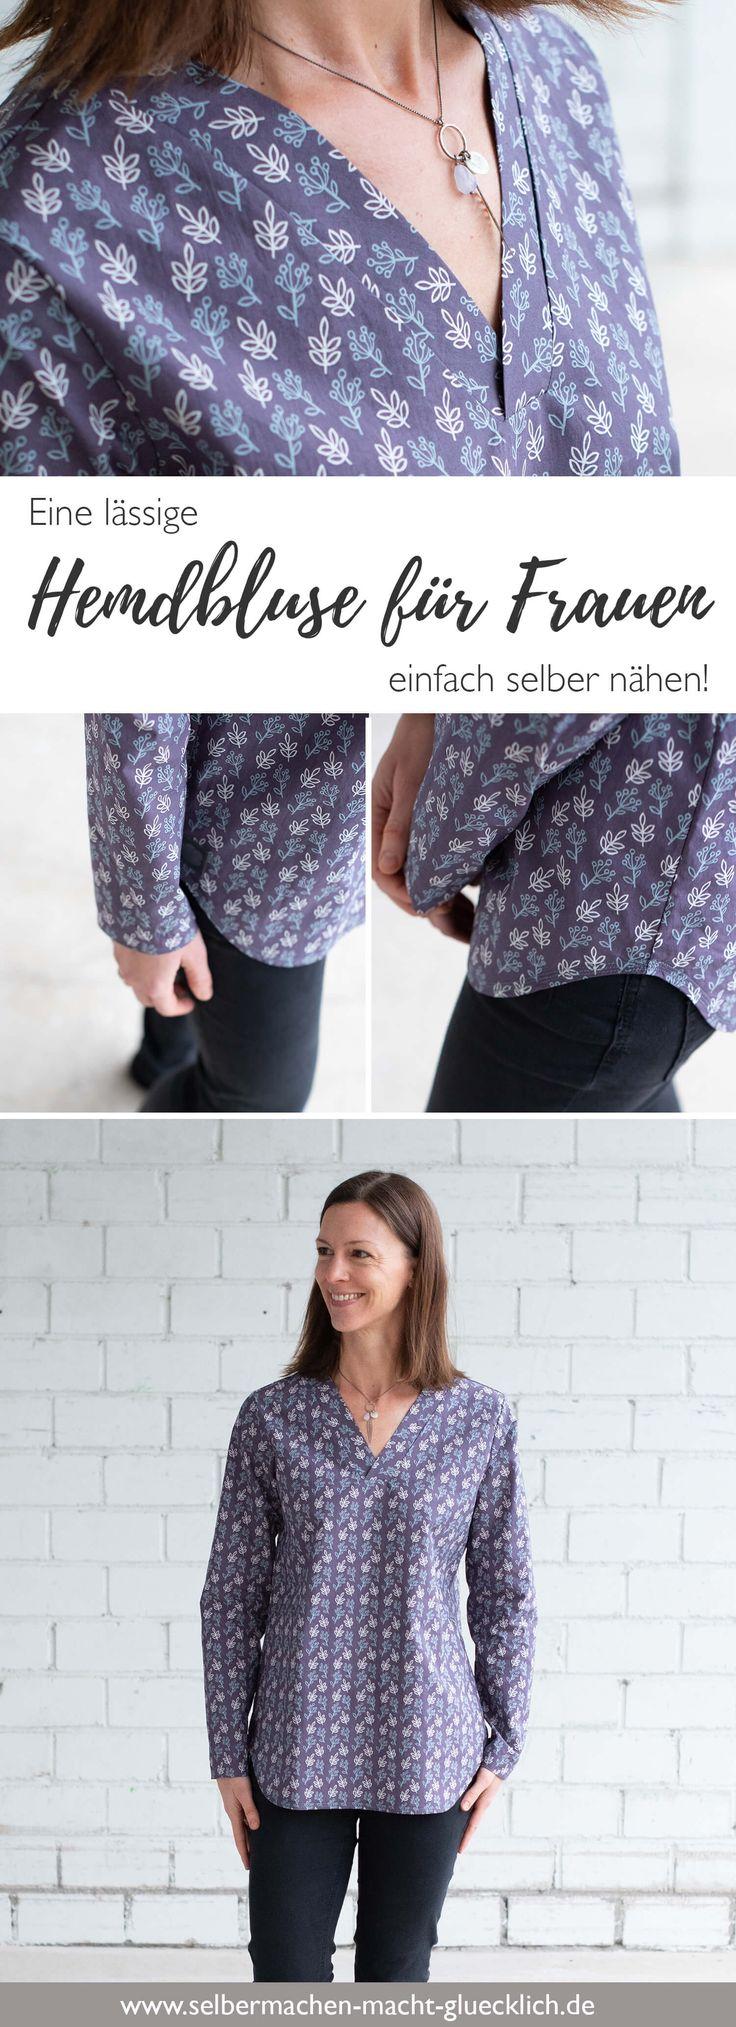 Eine lässige Hemdbluse für Frauen einfach selber nähen!